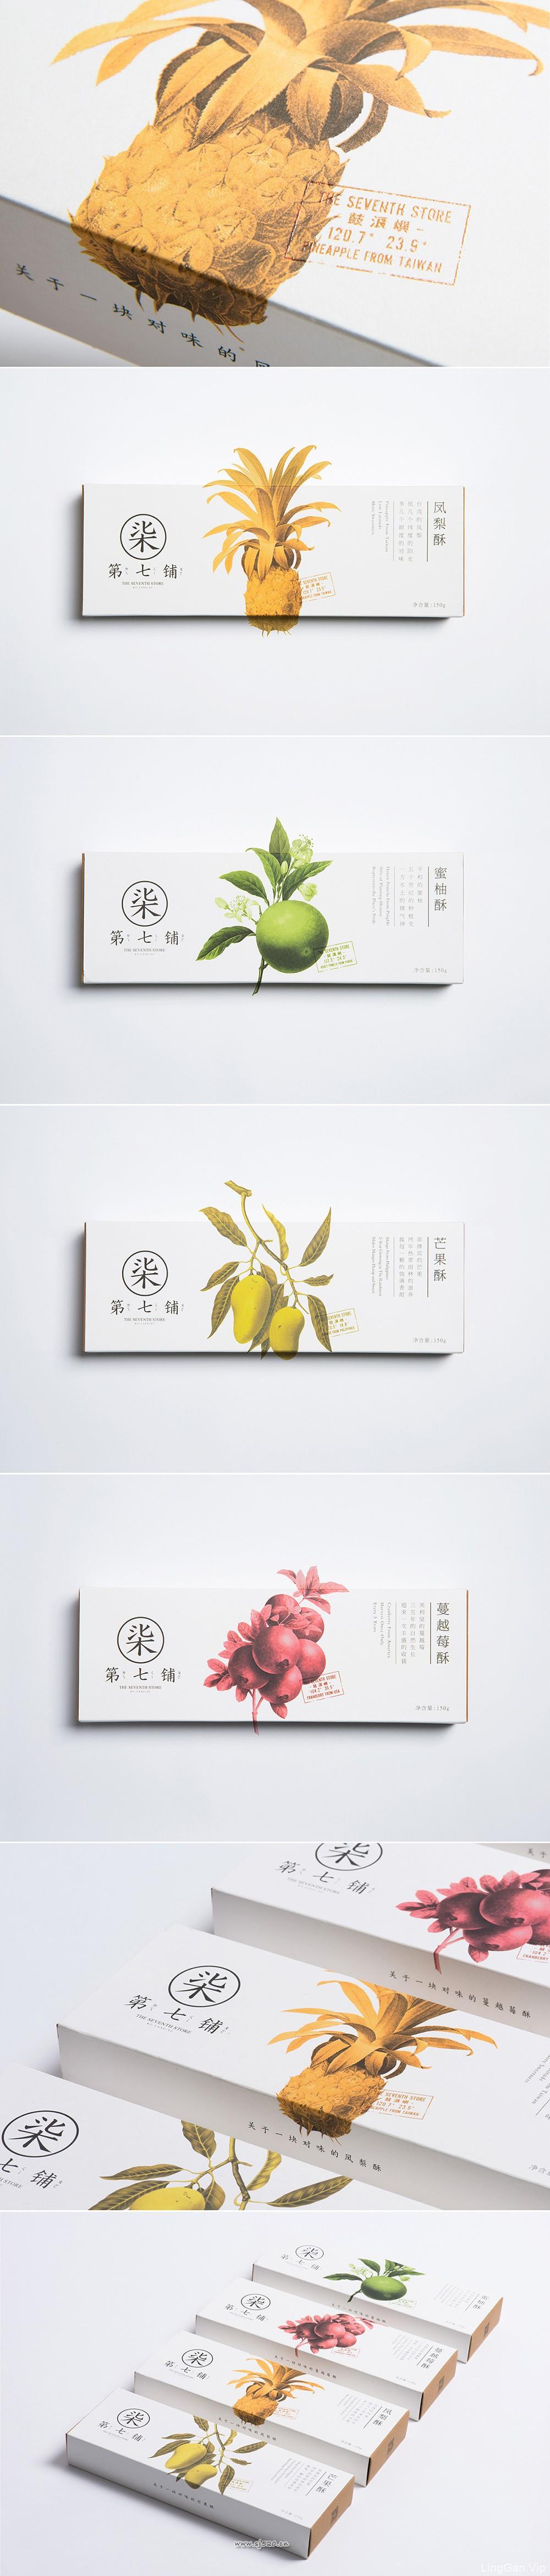 第七铺凤梨酥系列4种包裝设计创意风格